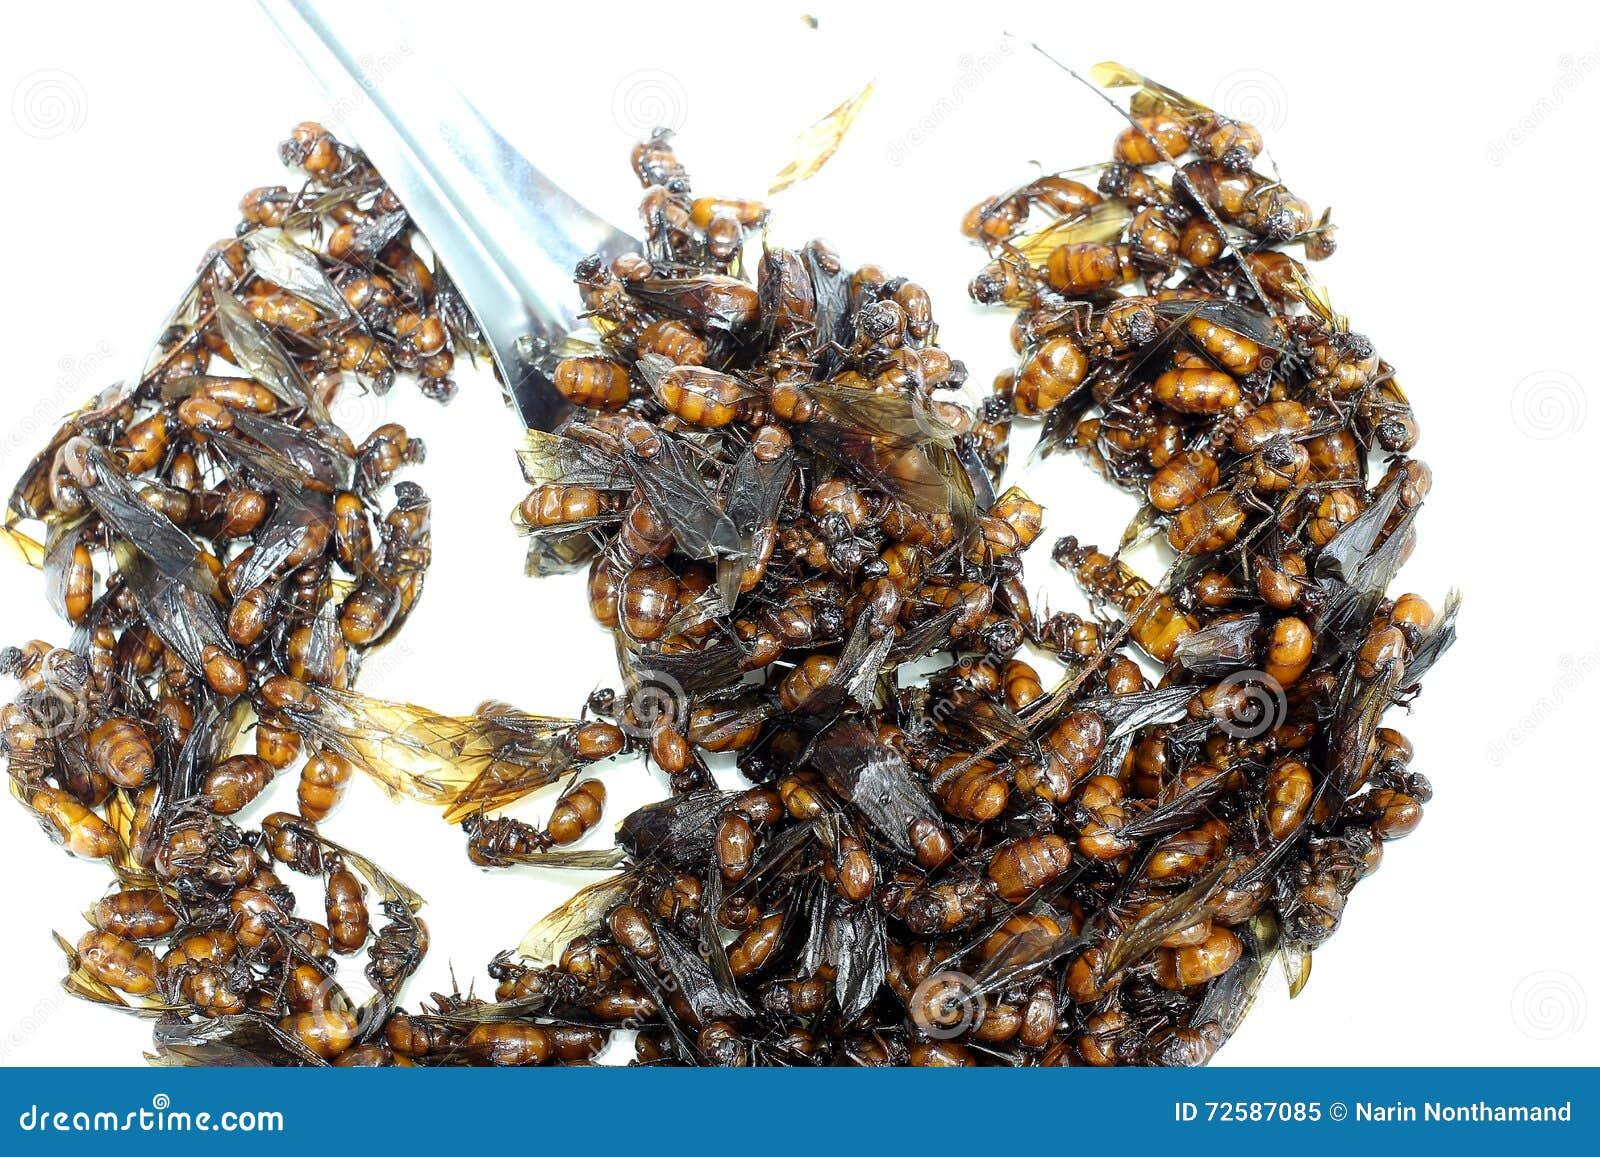 Was Hilft Gegen Ameisen In Der Küche